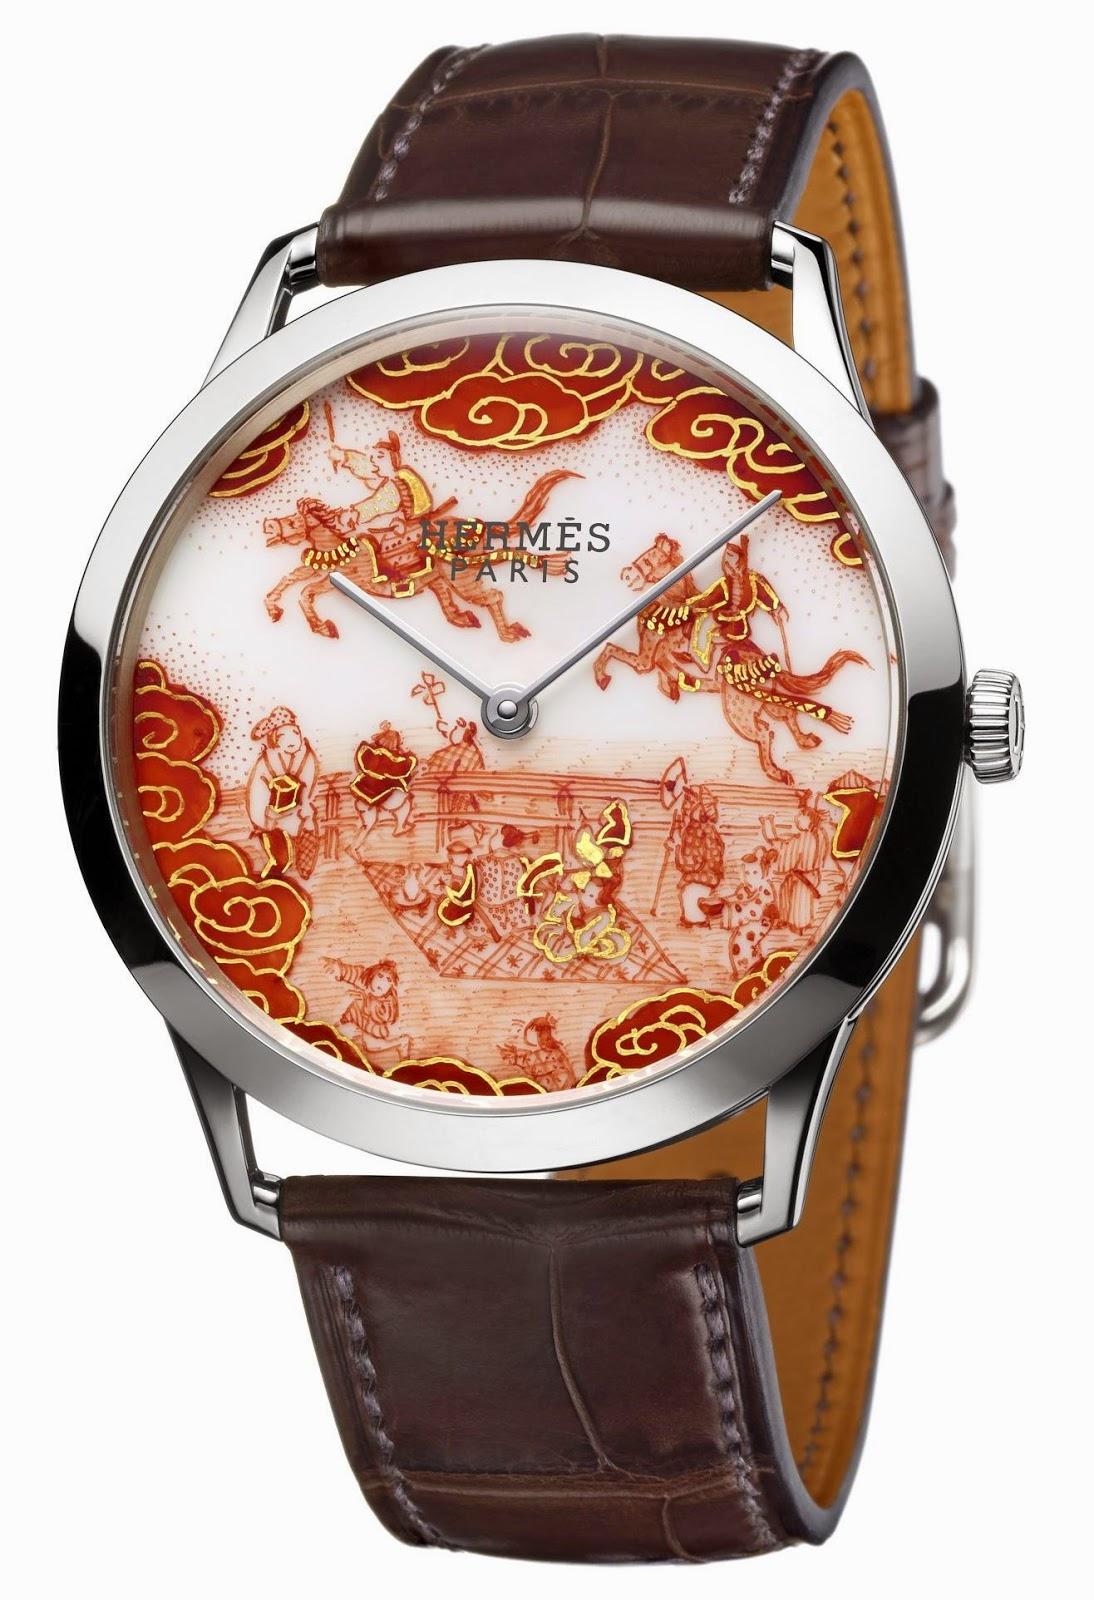 Hermès Slim d'Hermès Koma Kurabe watch